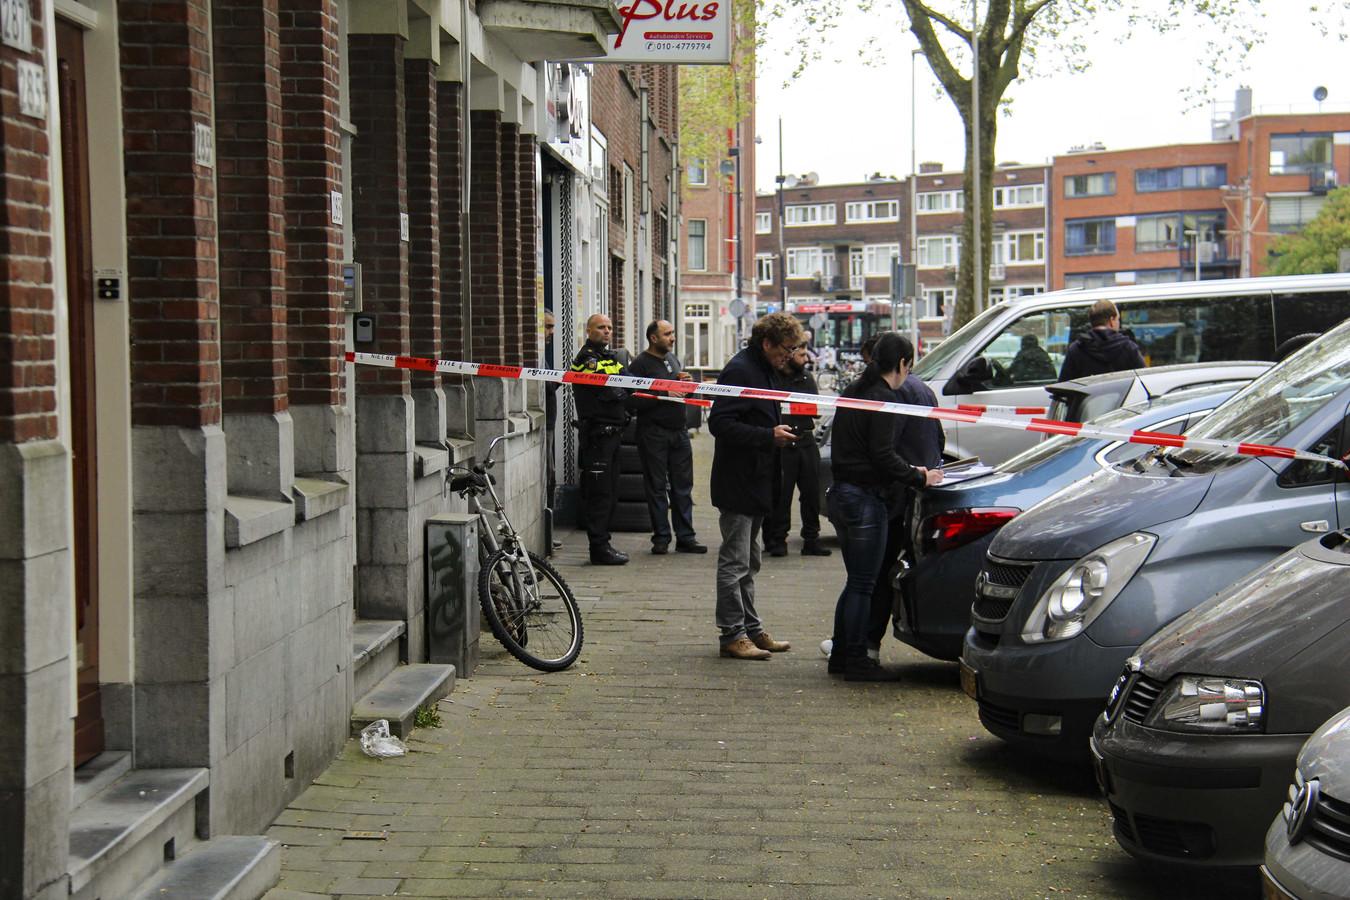 De politie doet onderzoek in de woning aan de Mathenesserdijk in Rotterdam-West waar het dode kindje is gevonden.